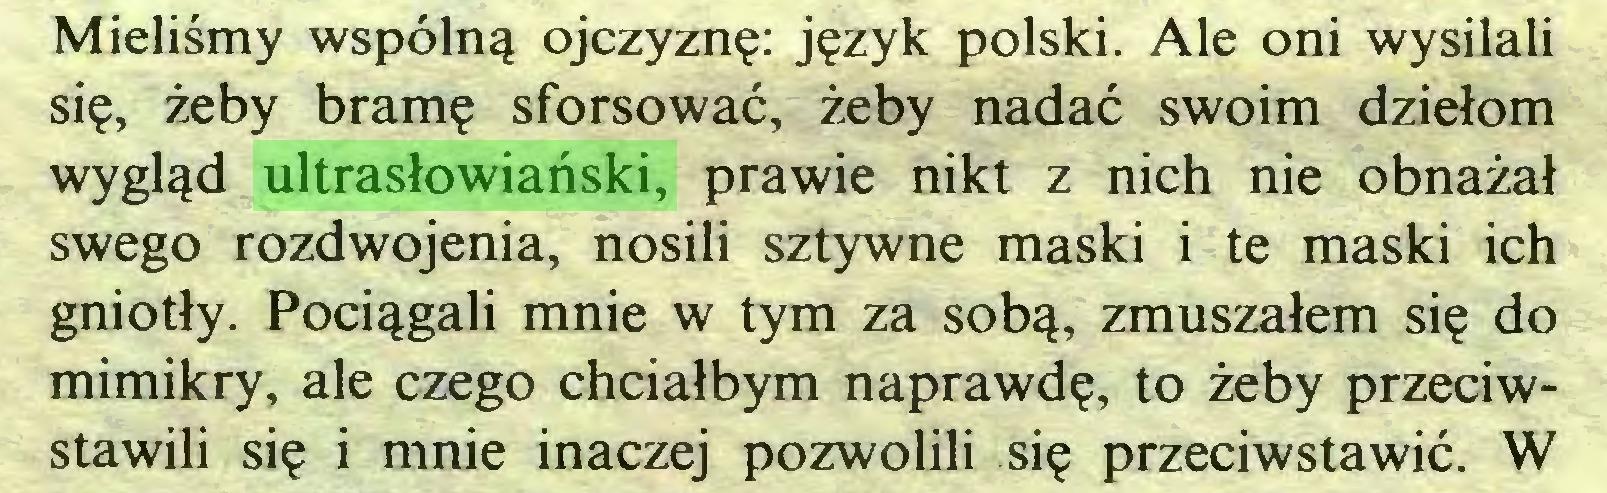 (...) Mieliśmy wspólną ojczyznę: język polski. Ale oni wysilali się, żeby bramę sforsować, żeby nadać swoim dziełom wygląd ultrasłowiański, prawie nikt z nich nie obnażał swego rozdwojenia, nosili sztywne maski i te maski ich gniotły. Pociągali mnie w tym za sobą, zmuszałem się do mimikry, ale czego chciałbym naprawdę, to żeby przeciwstawili się i mnie inaczej pozwolili się przeciwstawić. W...